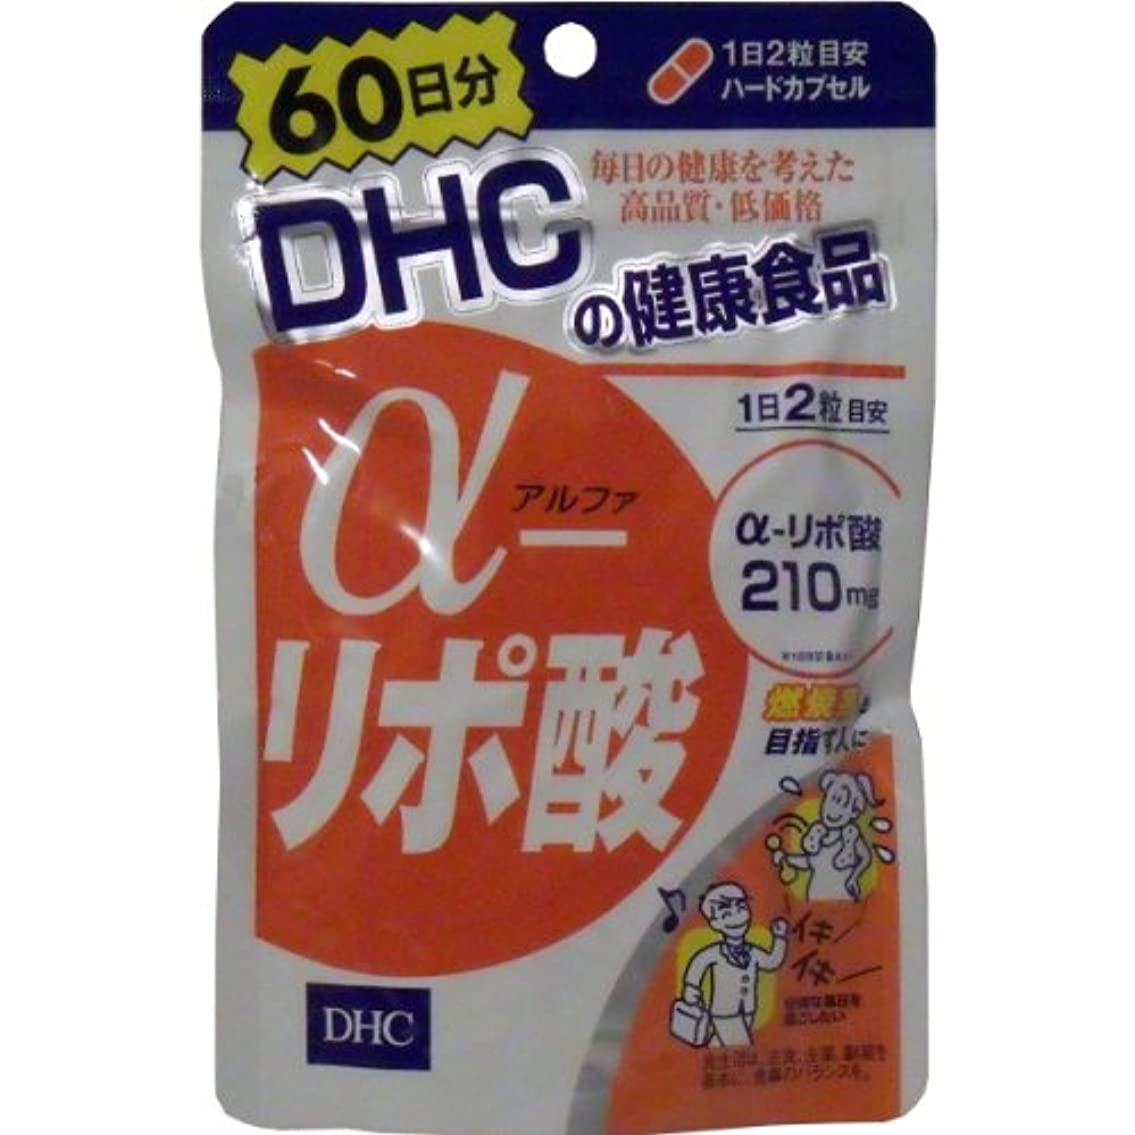 グラフ弁護検体α-リポ酸は、もともと体内にあるエネルギー活性成分。サプリメントでの効率的な補給がおすすめ!DHC120粒 60日分